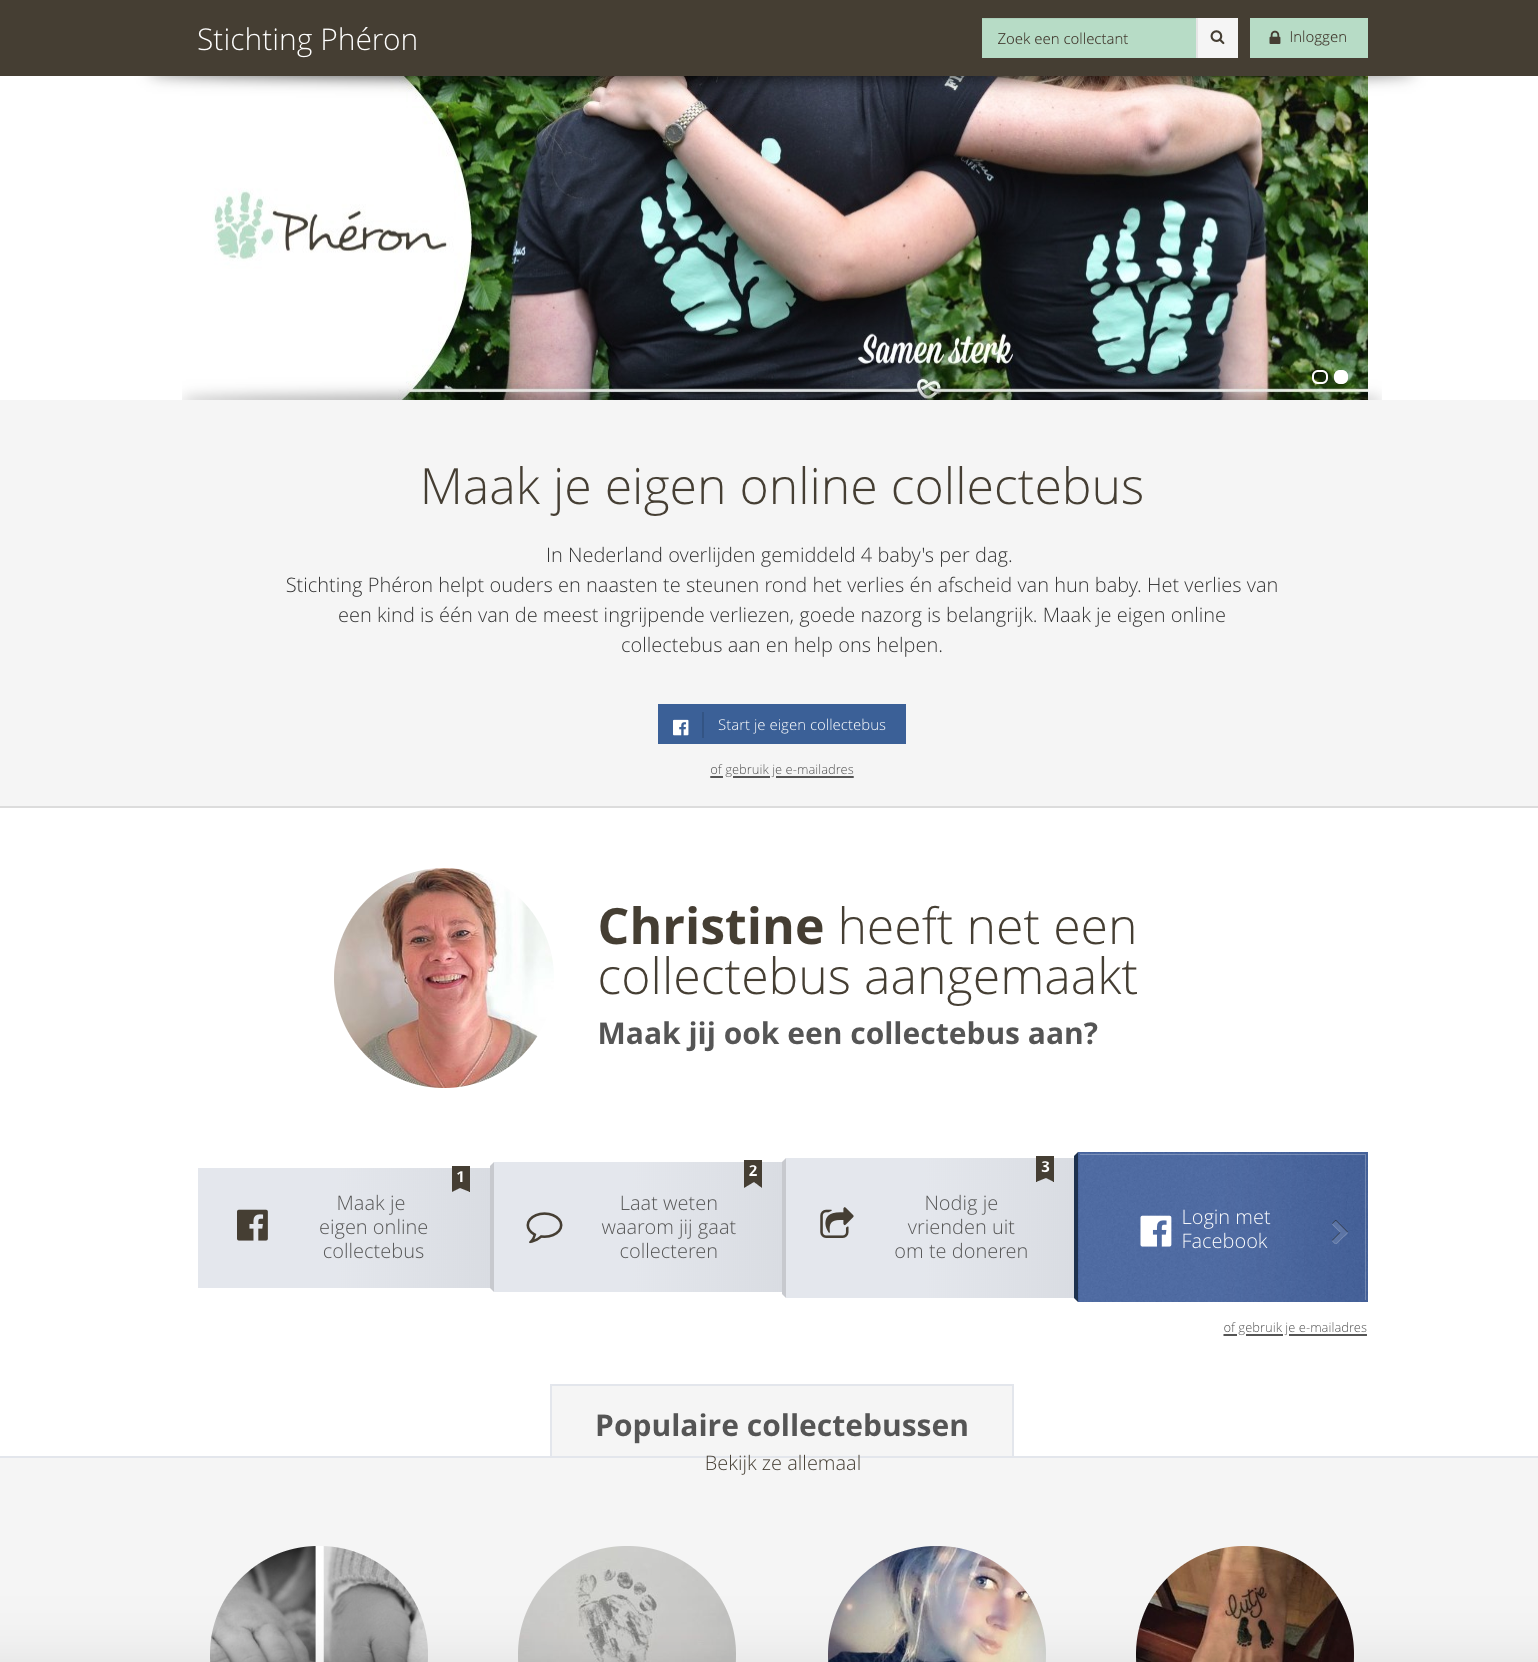 Website stichting pheron